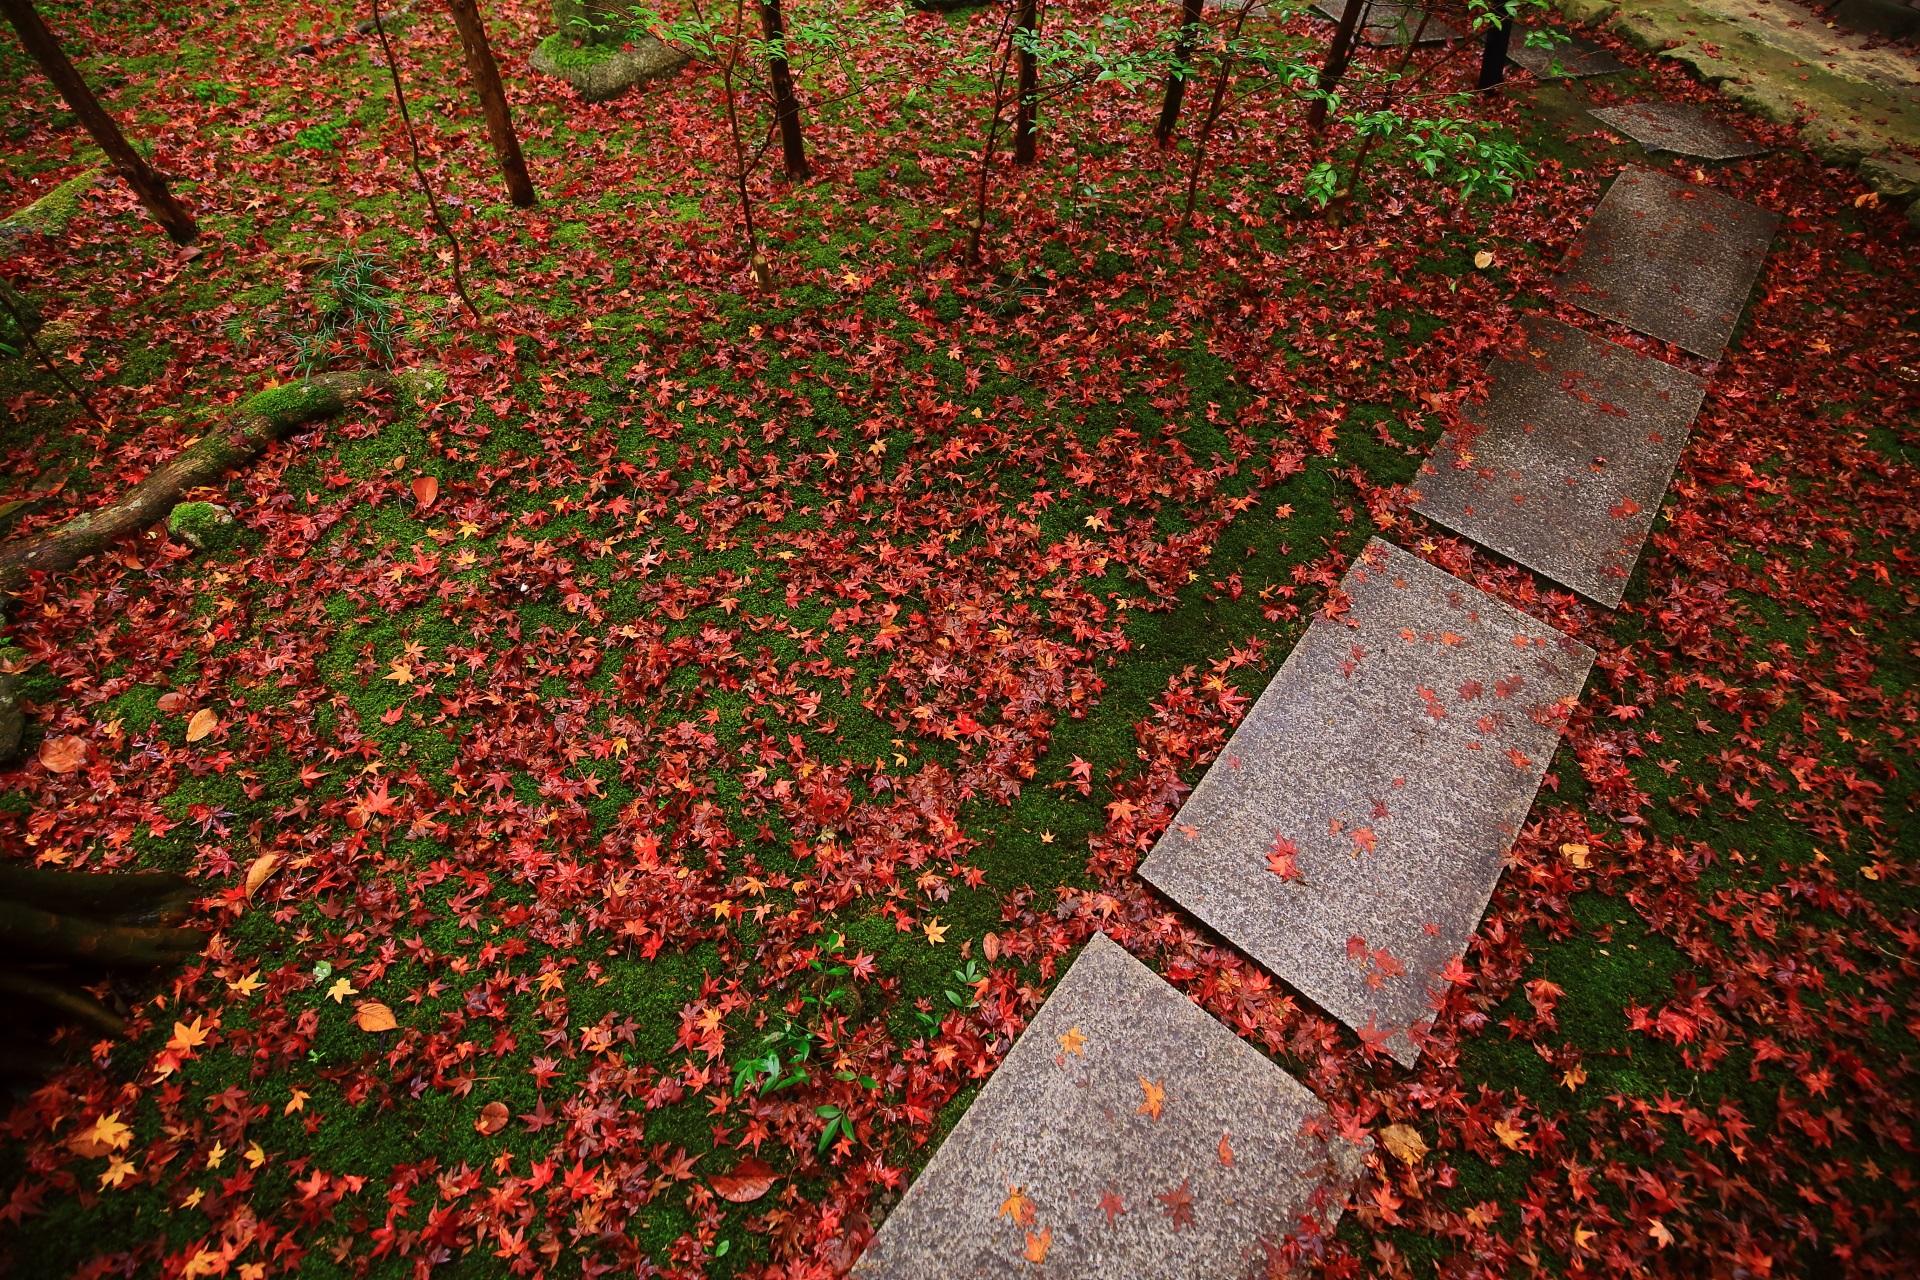 四角い飛び石の参道と苔を彩る散り紅葉